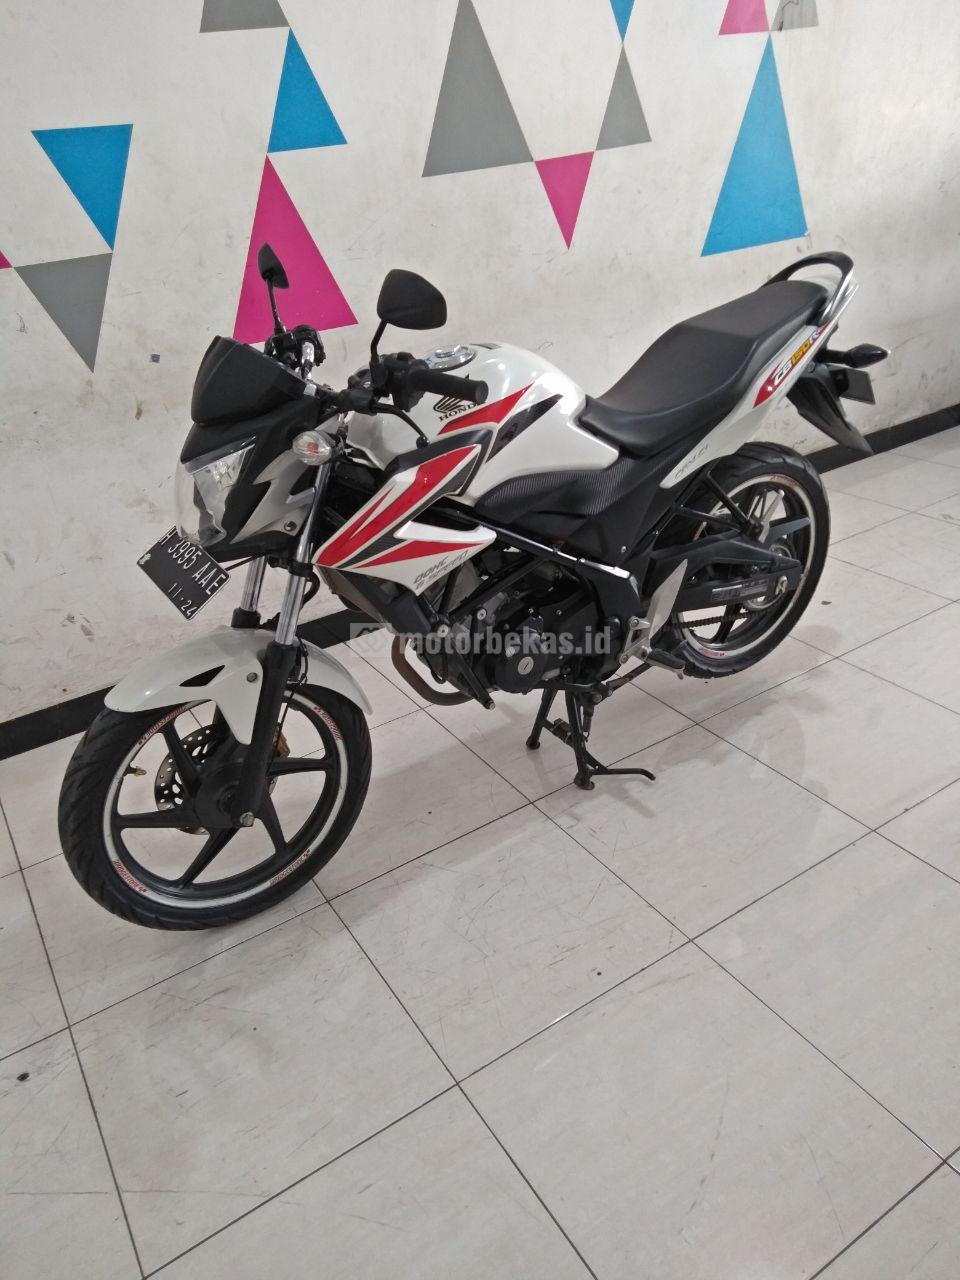 HONDA CB 150R  3009 motorbekas.id